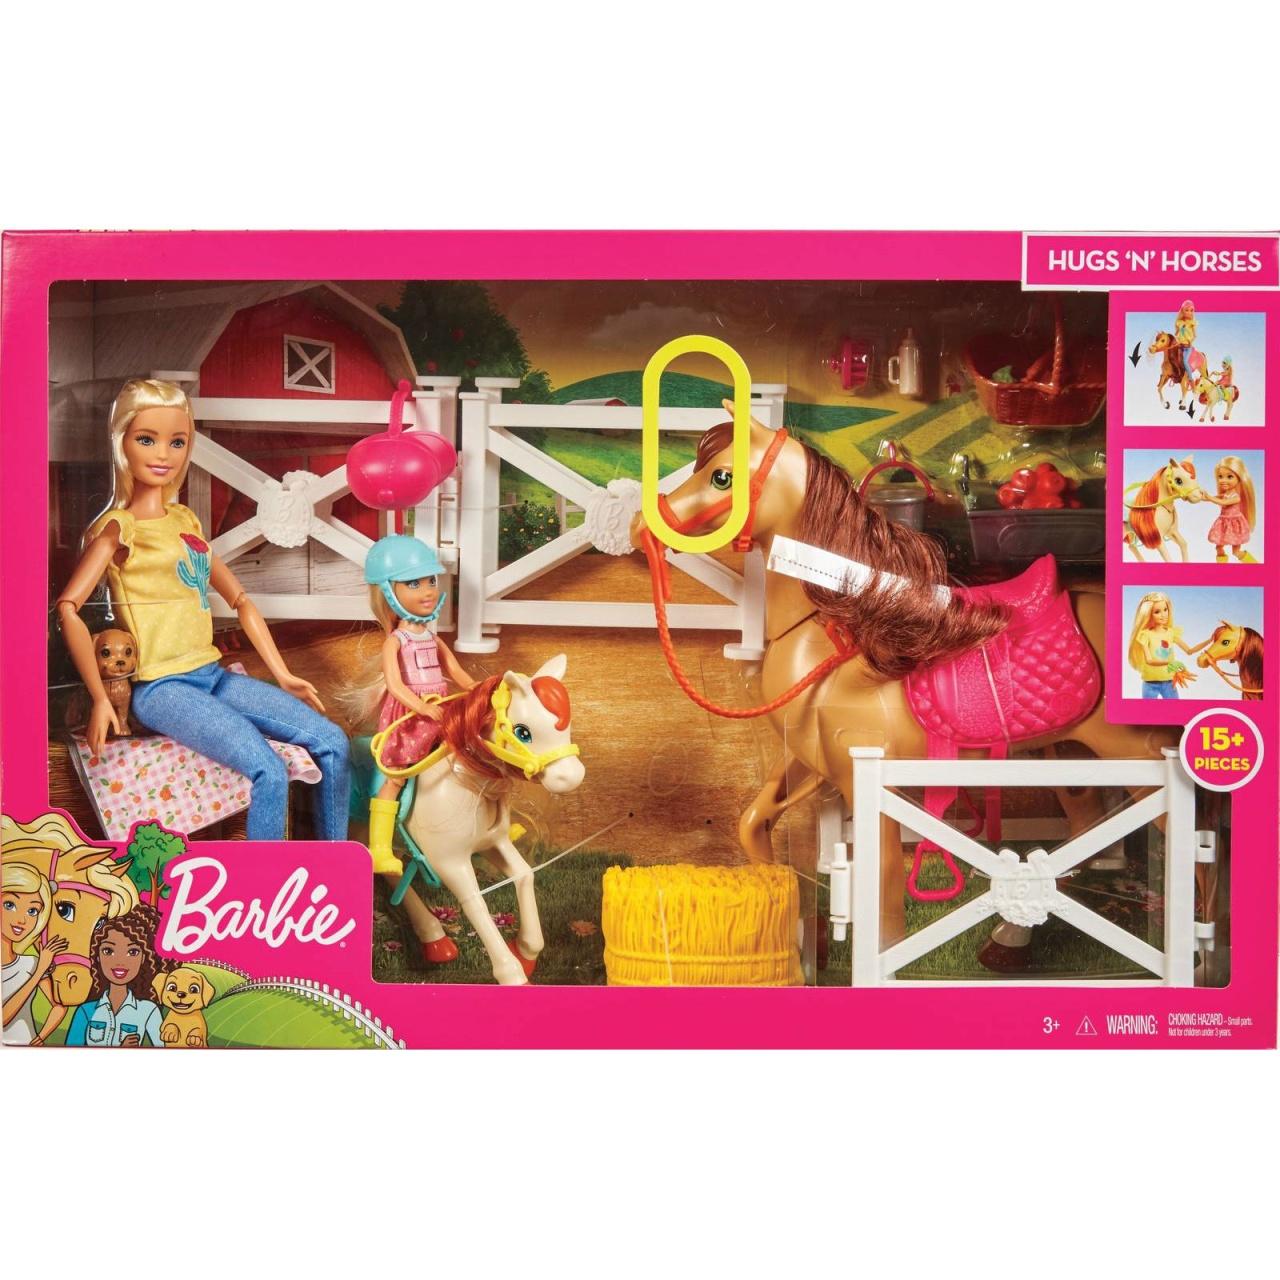 Barbie Spielset Reitspaß mit Barbie, Chelsea, Pferd FXH15